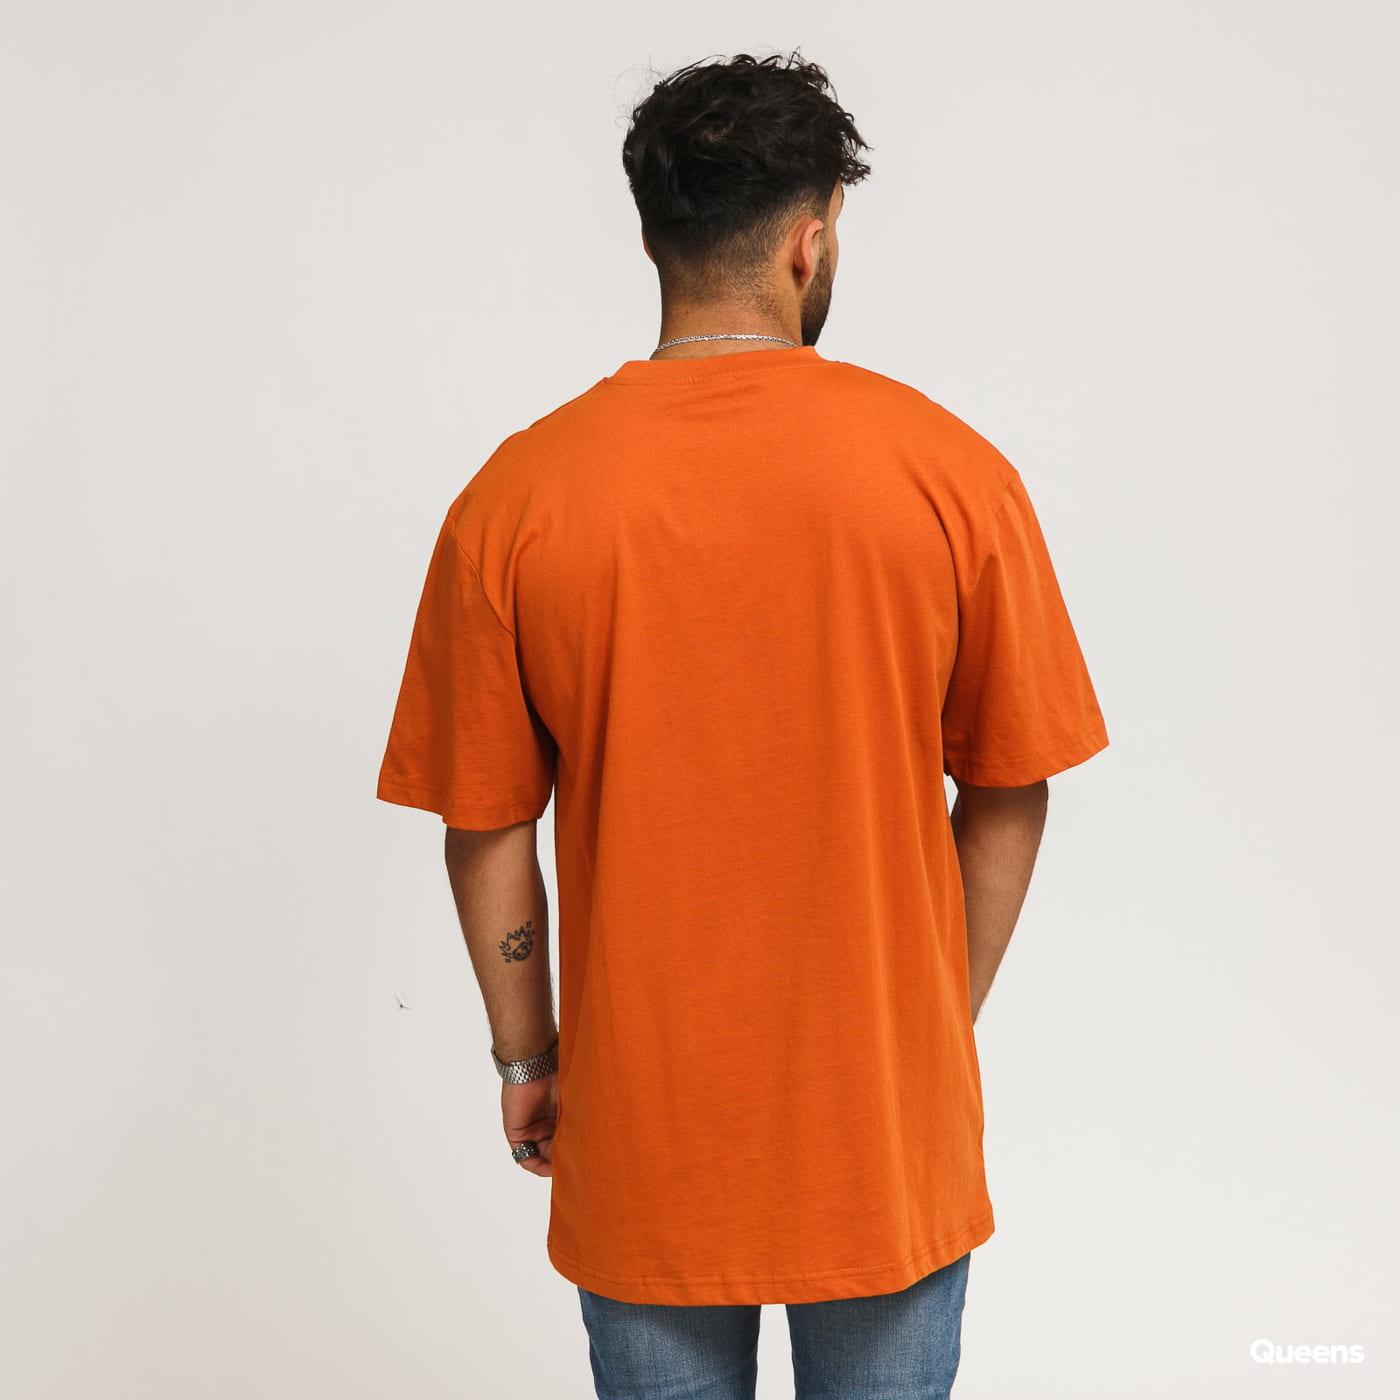 Urban Classics Tall Tee tmavě oranžové